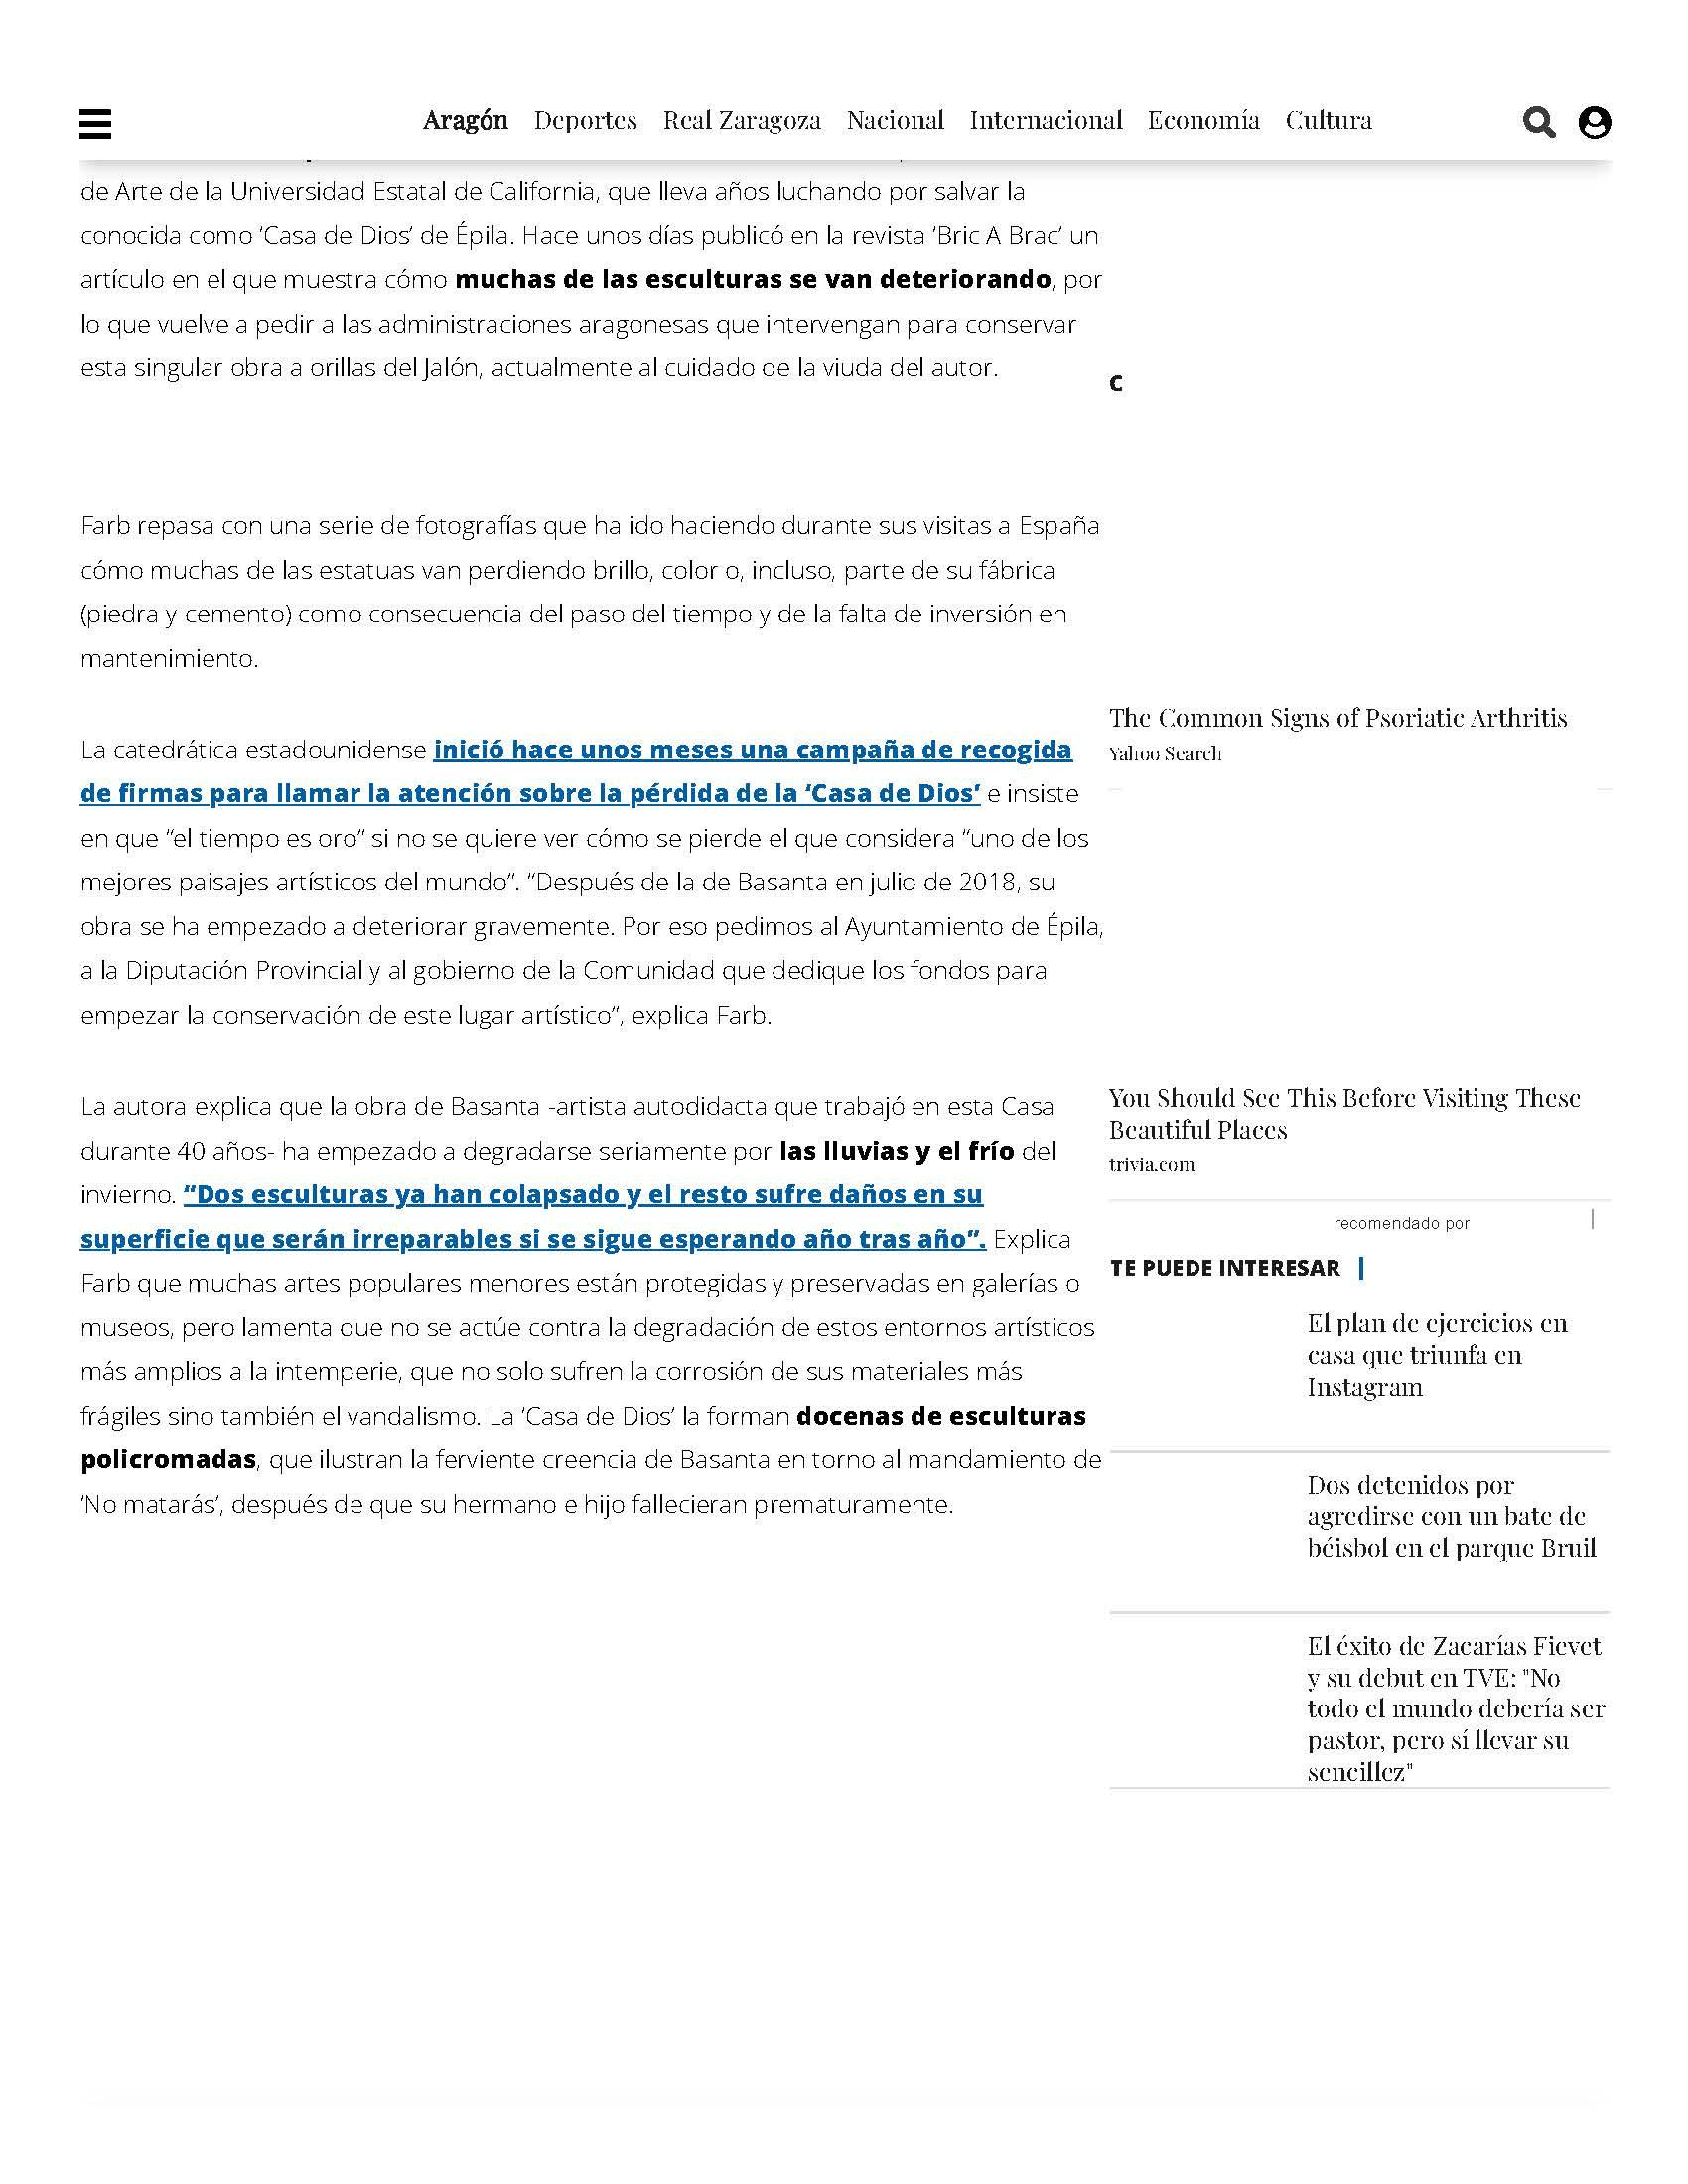 El deterioro de la 'Casa de Dios' de Épila se acentúa_Page_2